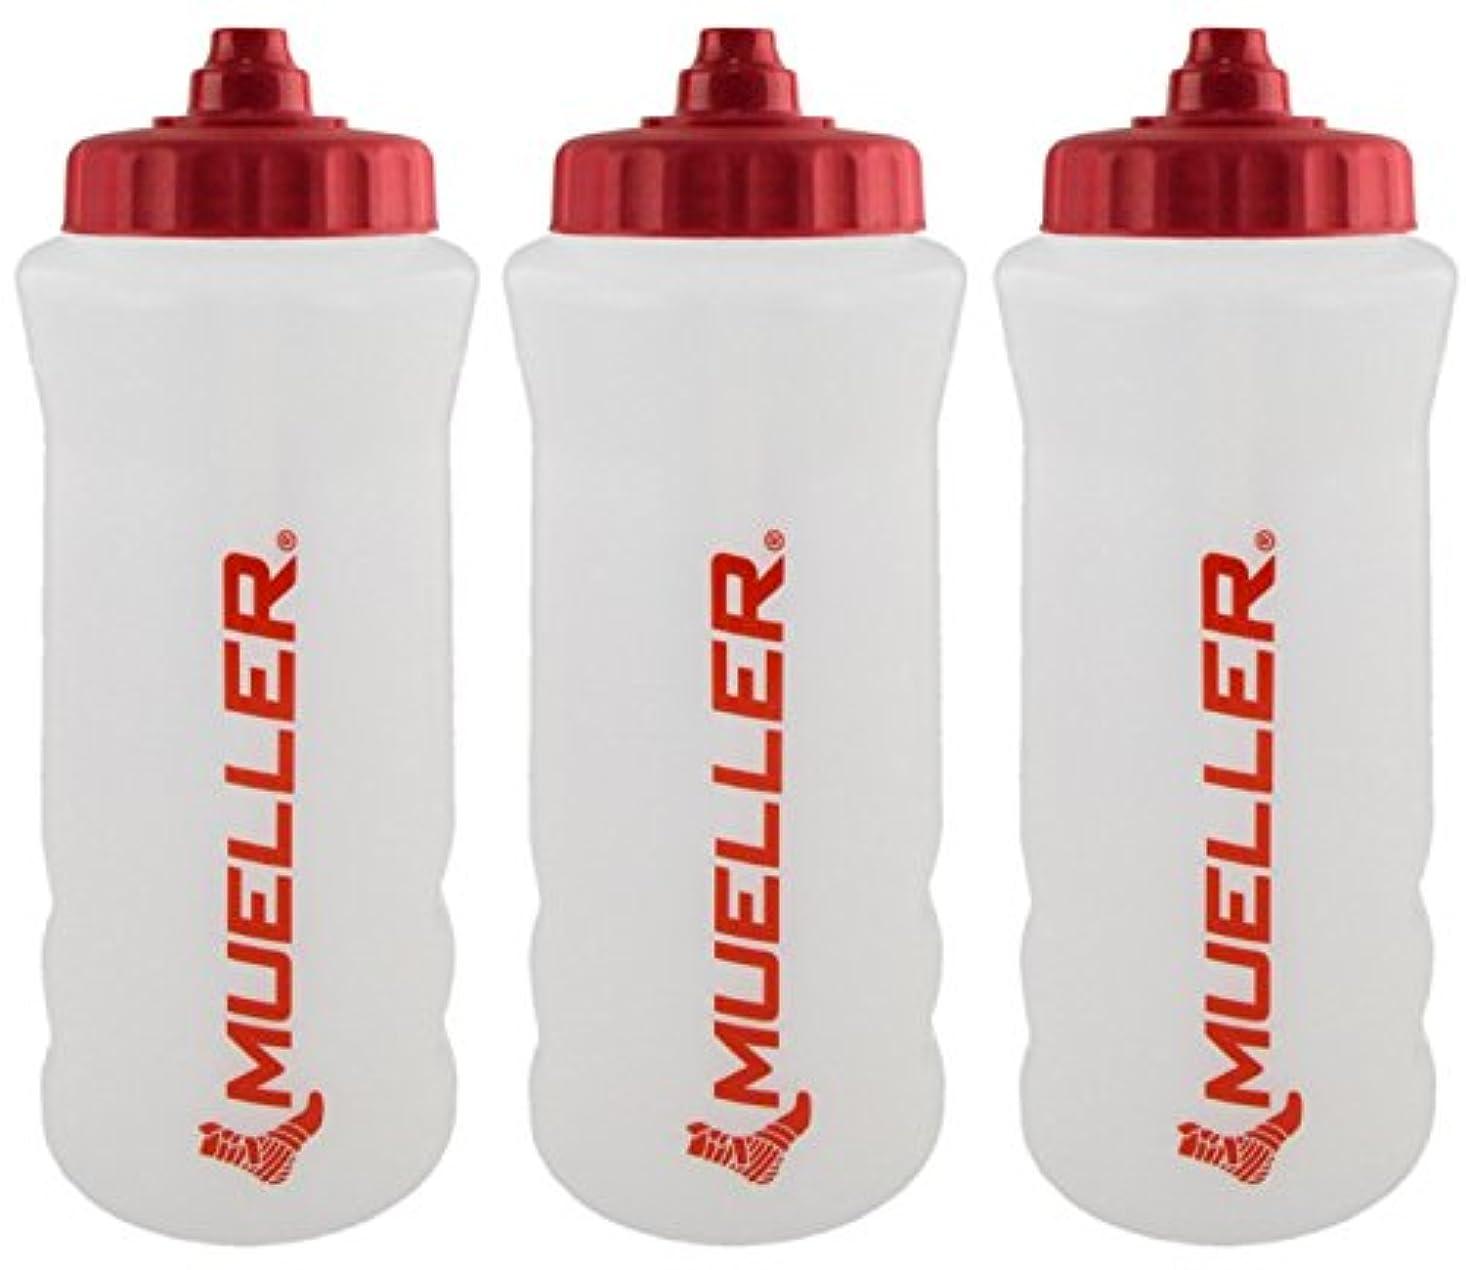 社会主義者異邦人ウミウシMueller QuartボトルW/Sureshot Squeeze (新しいデザイン、ナチュラルカラーW/レッドLetters